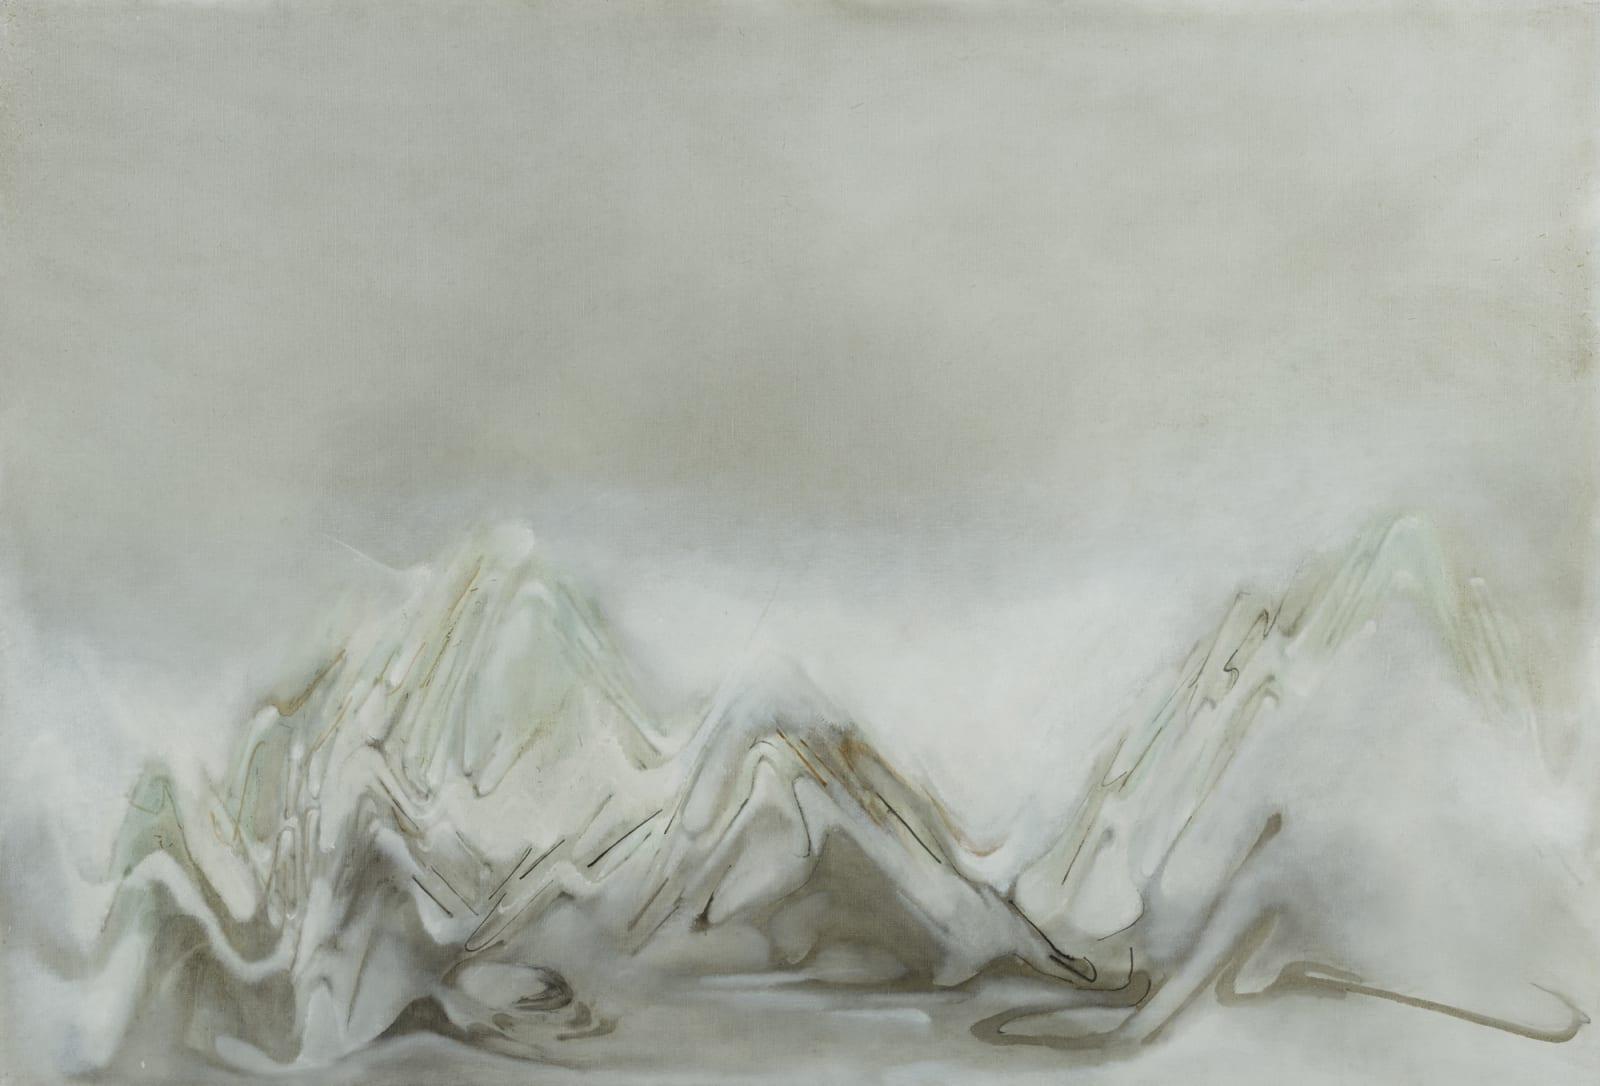 Lalan 謝景蘭, Untitled《無題》, 1980s